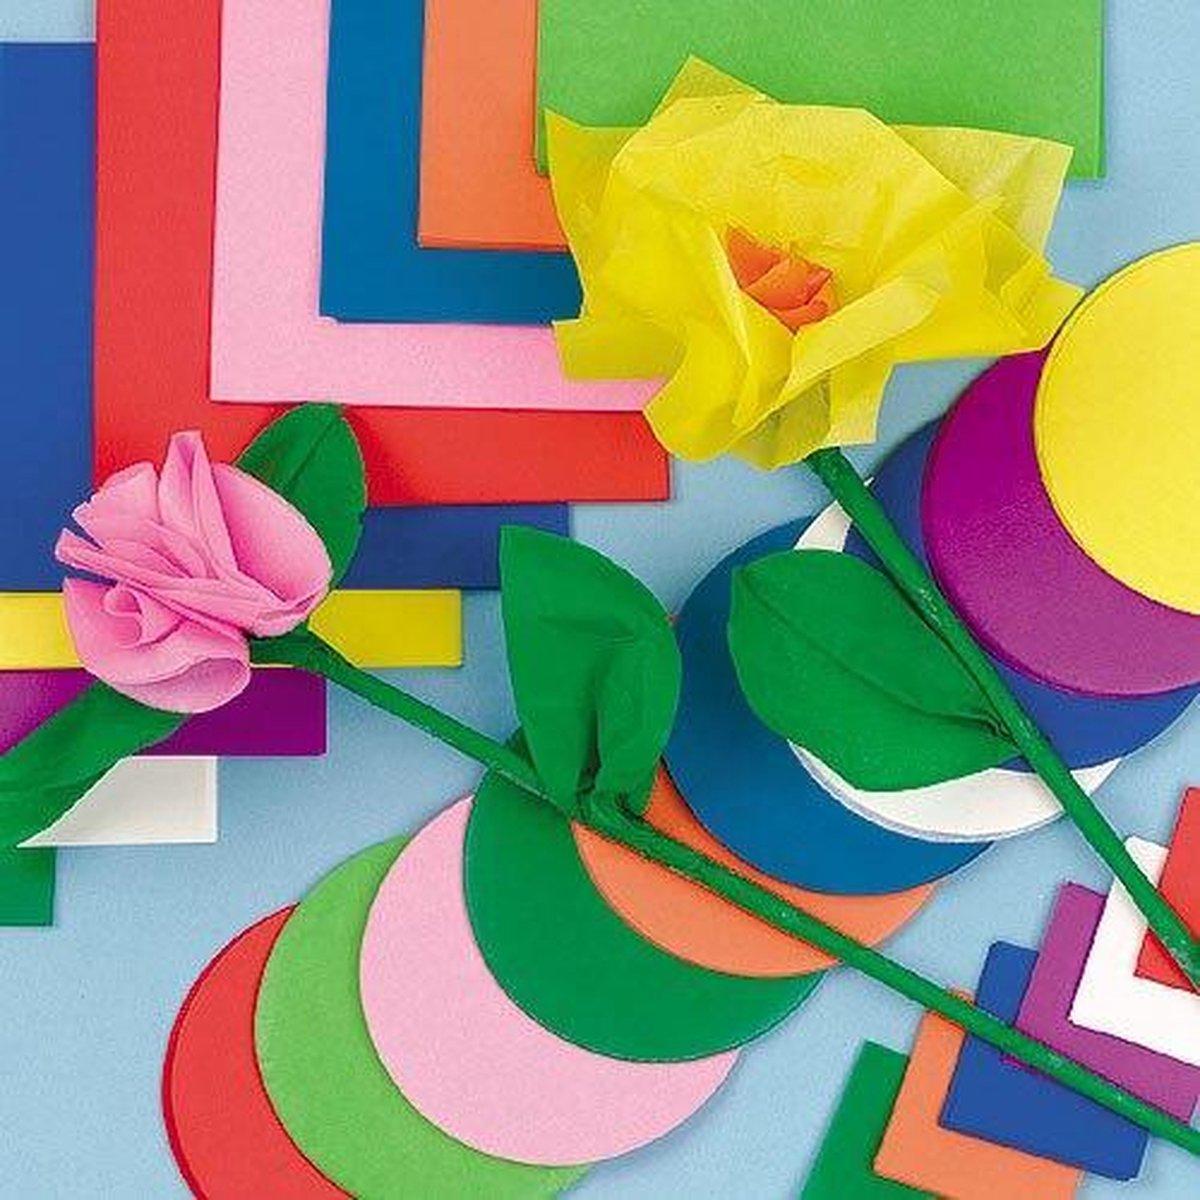 Voordeelpakket gekleurd vloeipapier/zijdepapier - knutselmateriaal voor kinderen en volwassen voor scrapbooking collage en knutselwerkjes (1440 stuks) - Baker Ross